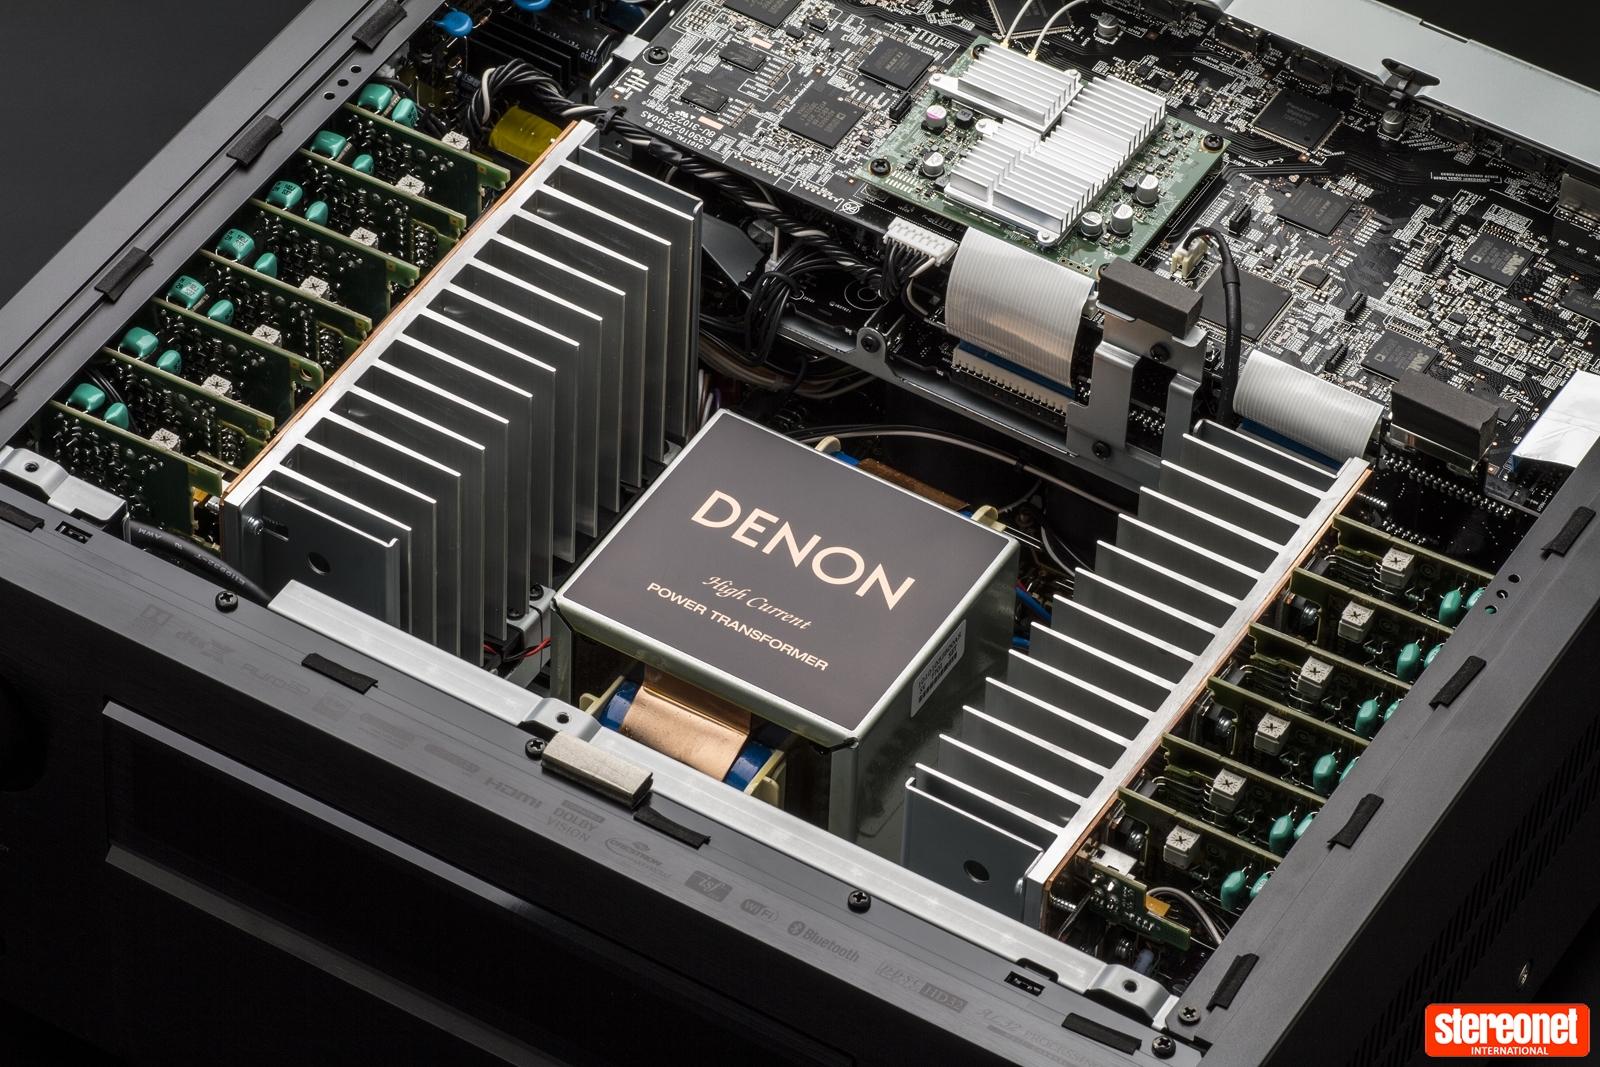 Denon AVC-X8500H 13 2 Channel AV Amplifier Review   - StereoNET